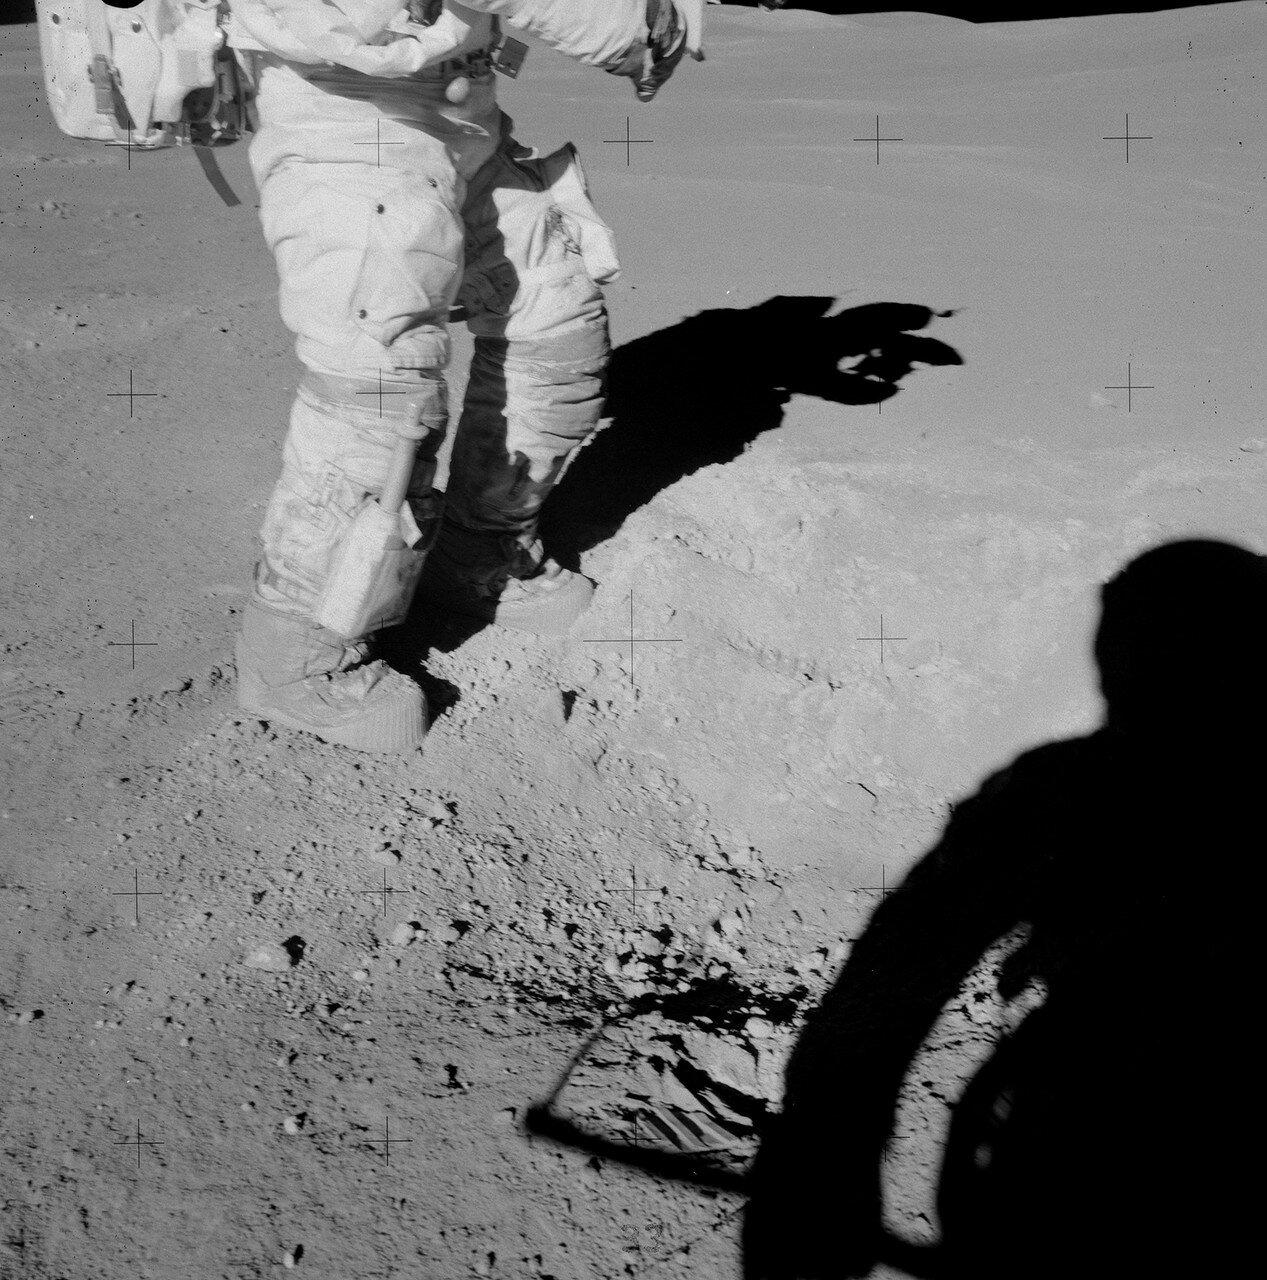 Работая у кратера Плам, Дьюк заметил, что под тонким слоем серого реголита, глубже 1 см, лежит грунт белого цвета. На снимке: Янг ногами разгрёб поверхностный слой серого реголита, под которым виден белый грунт